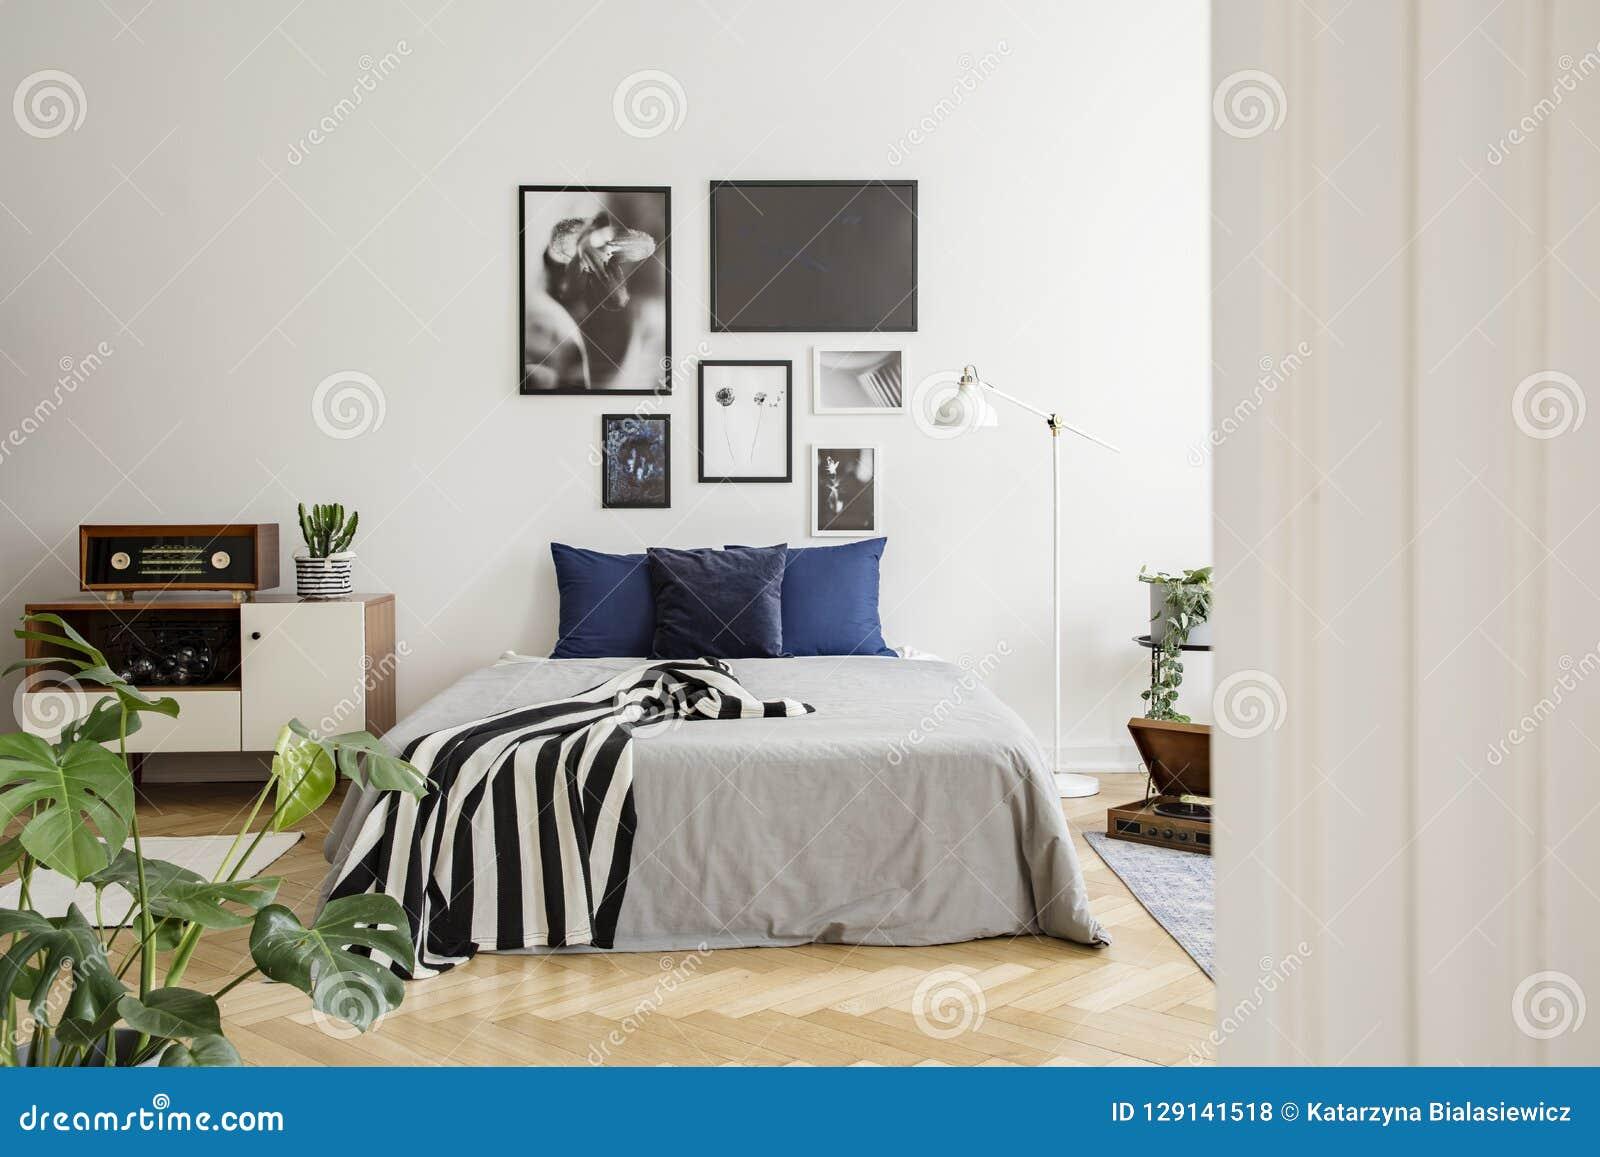 在床旁边的白色木洗脸台与深蓝枕头、灰色鸭绒垫子和镶边的黑白毯子在卧室